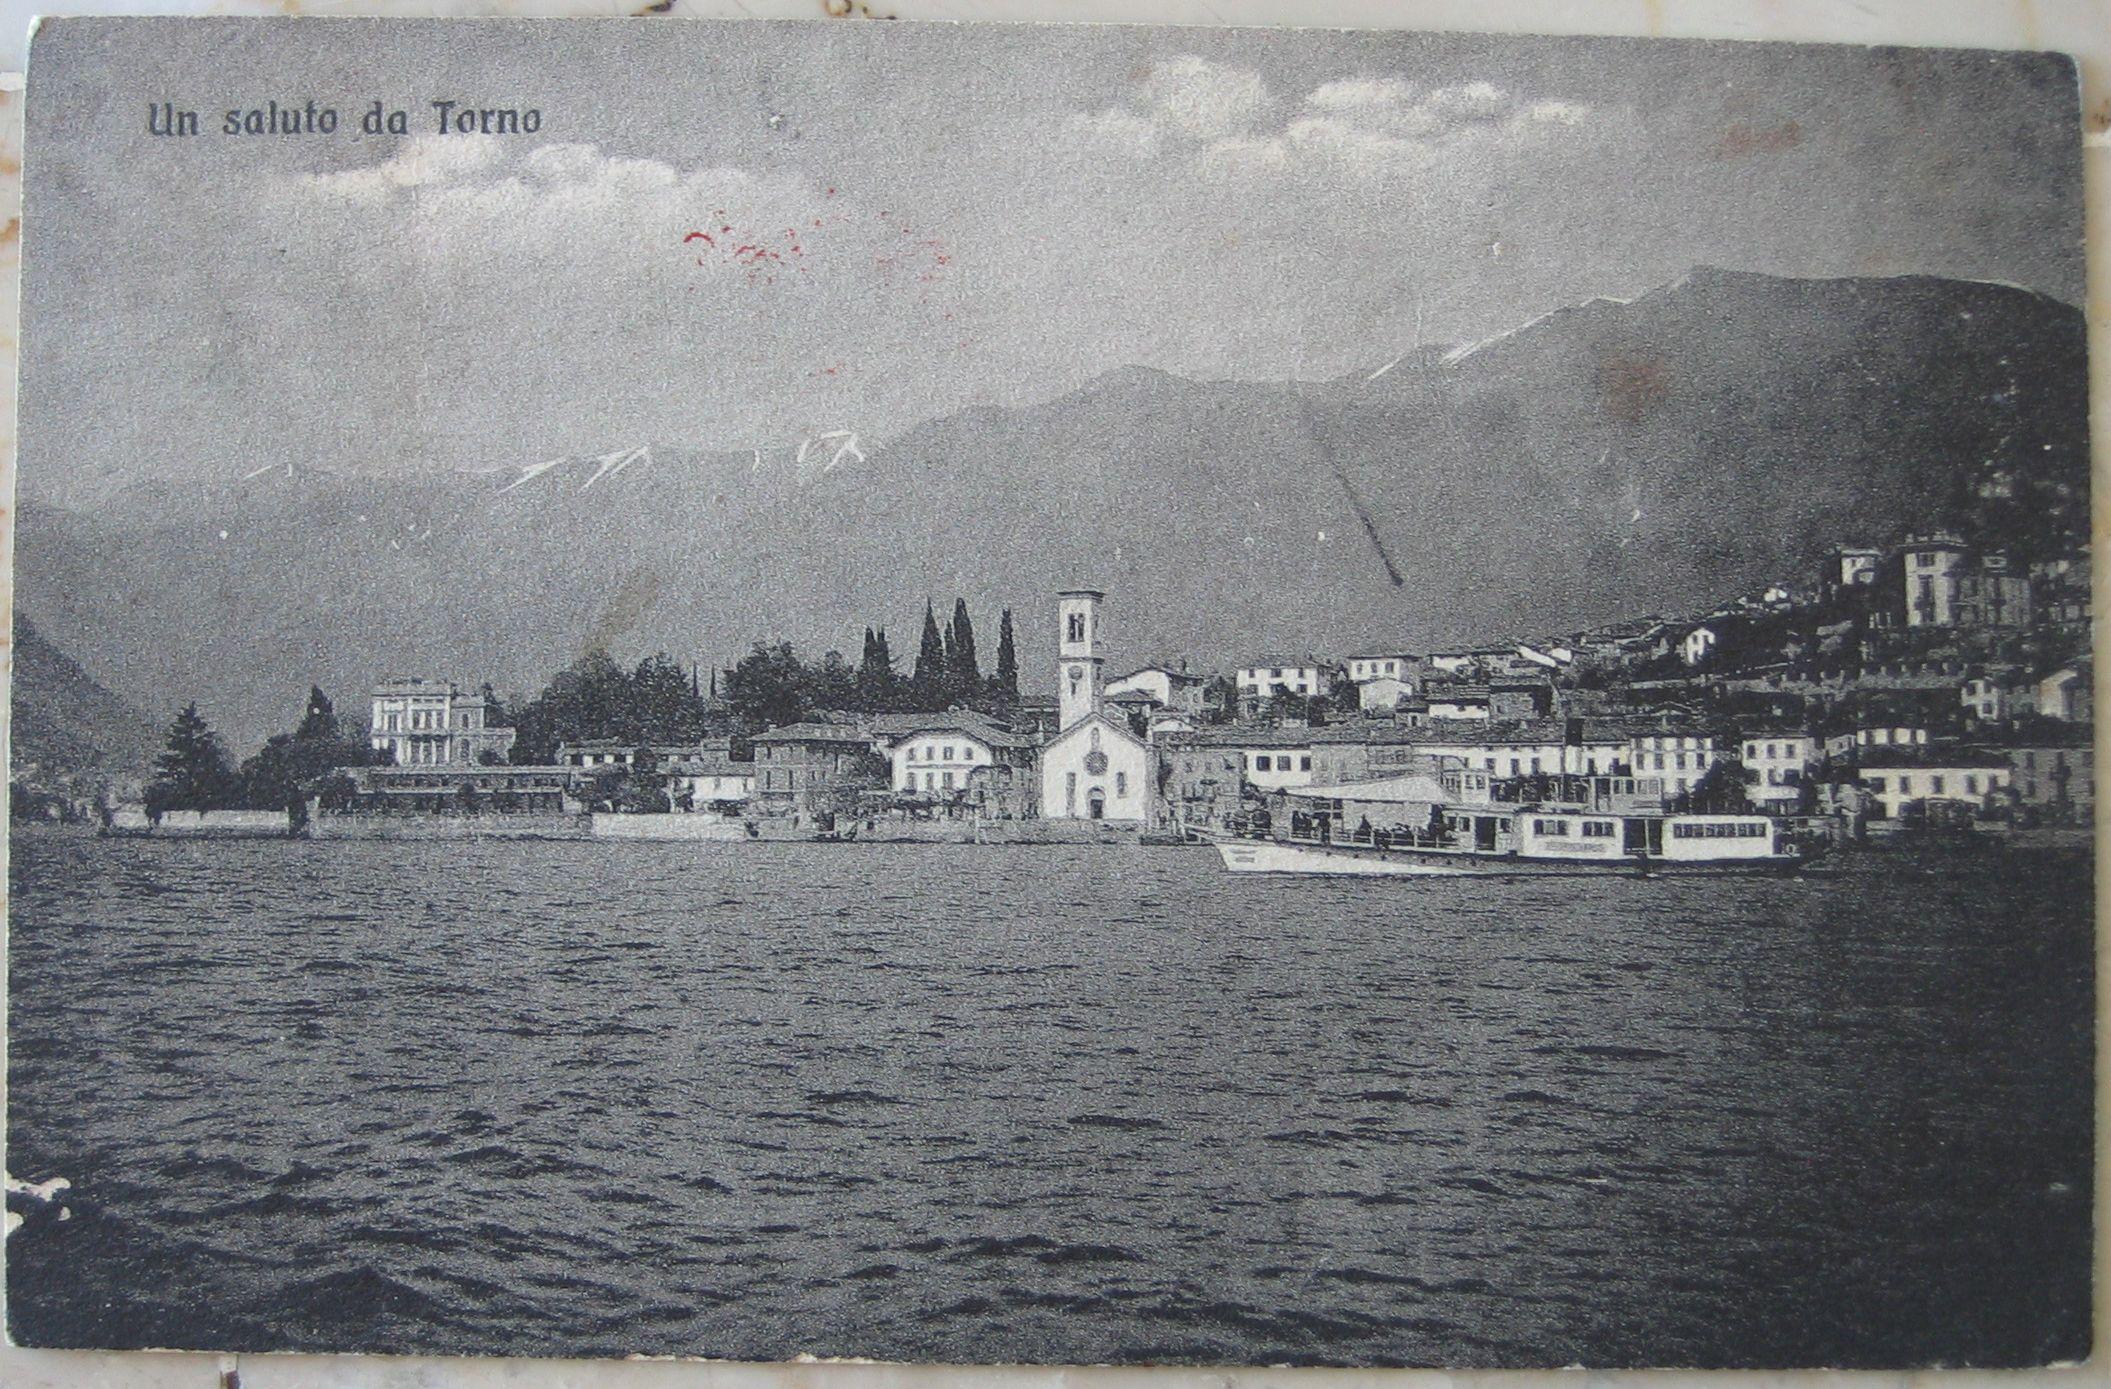 1917 Un Saluto da Torno n° 345 - R.E.V. - Como cartolina con francobollo Italia da 5 cent.